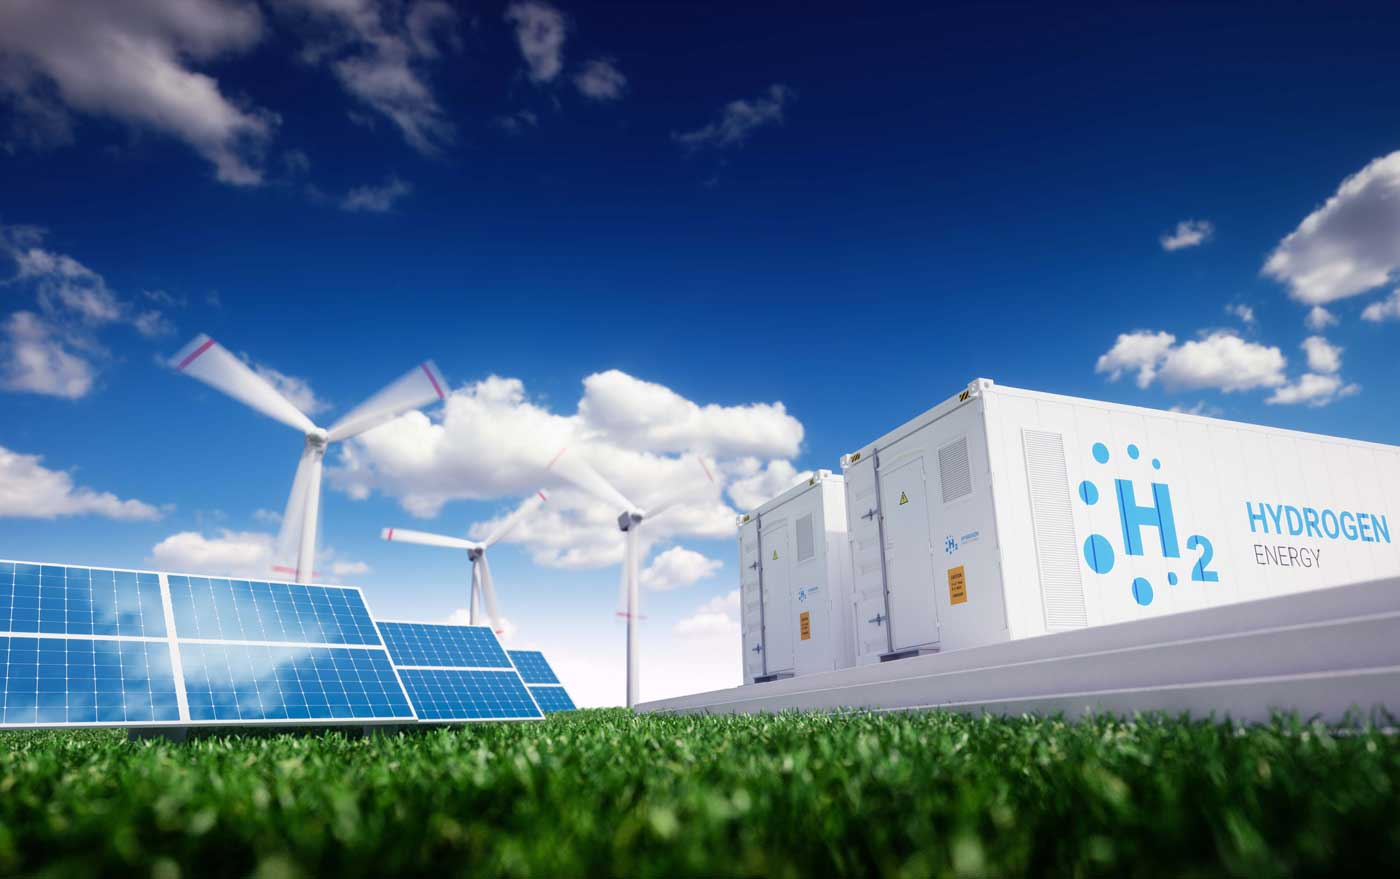 En Russie, EDF s'associe à Rosatom pour développer l'hydrogène vert